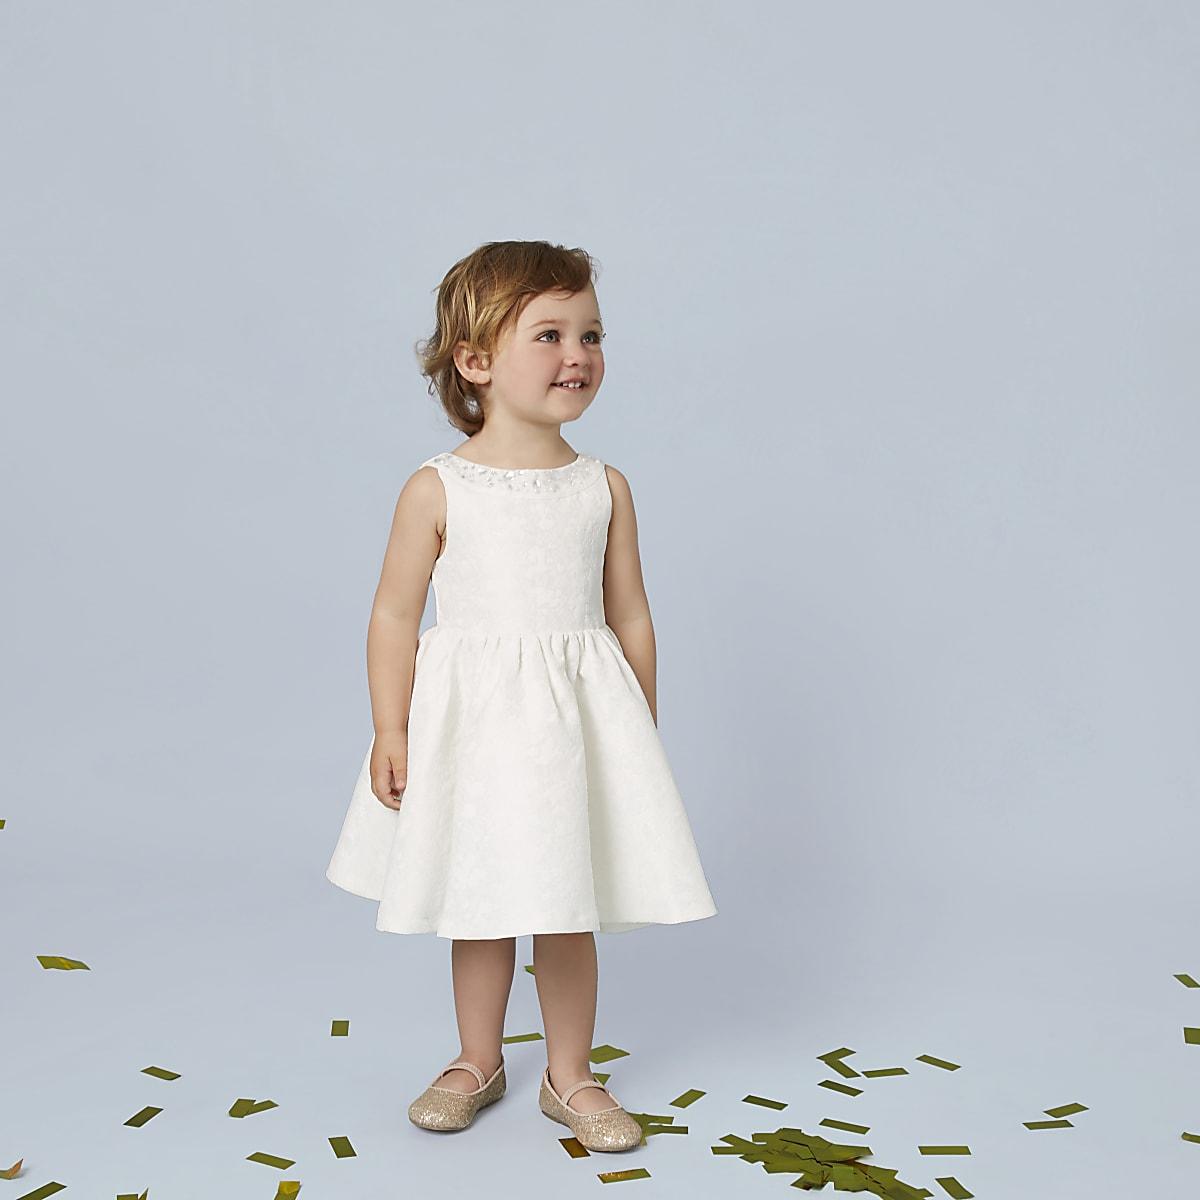 618759a500b47 Mini girls cream jacquard flower girl dress - Baby Girls Dresses ...